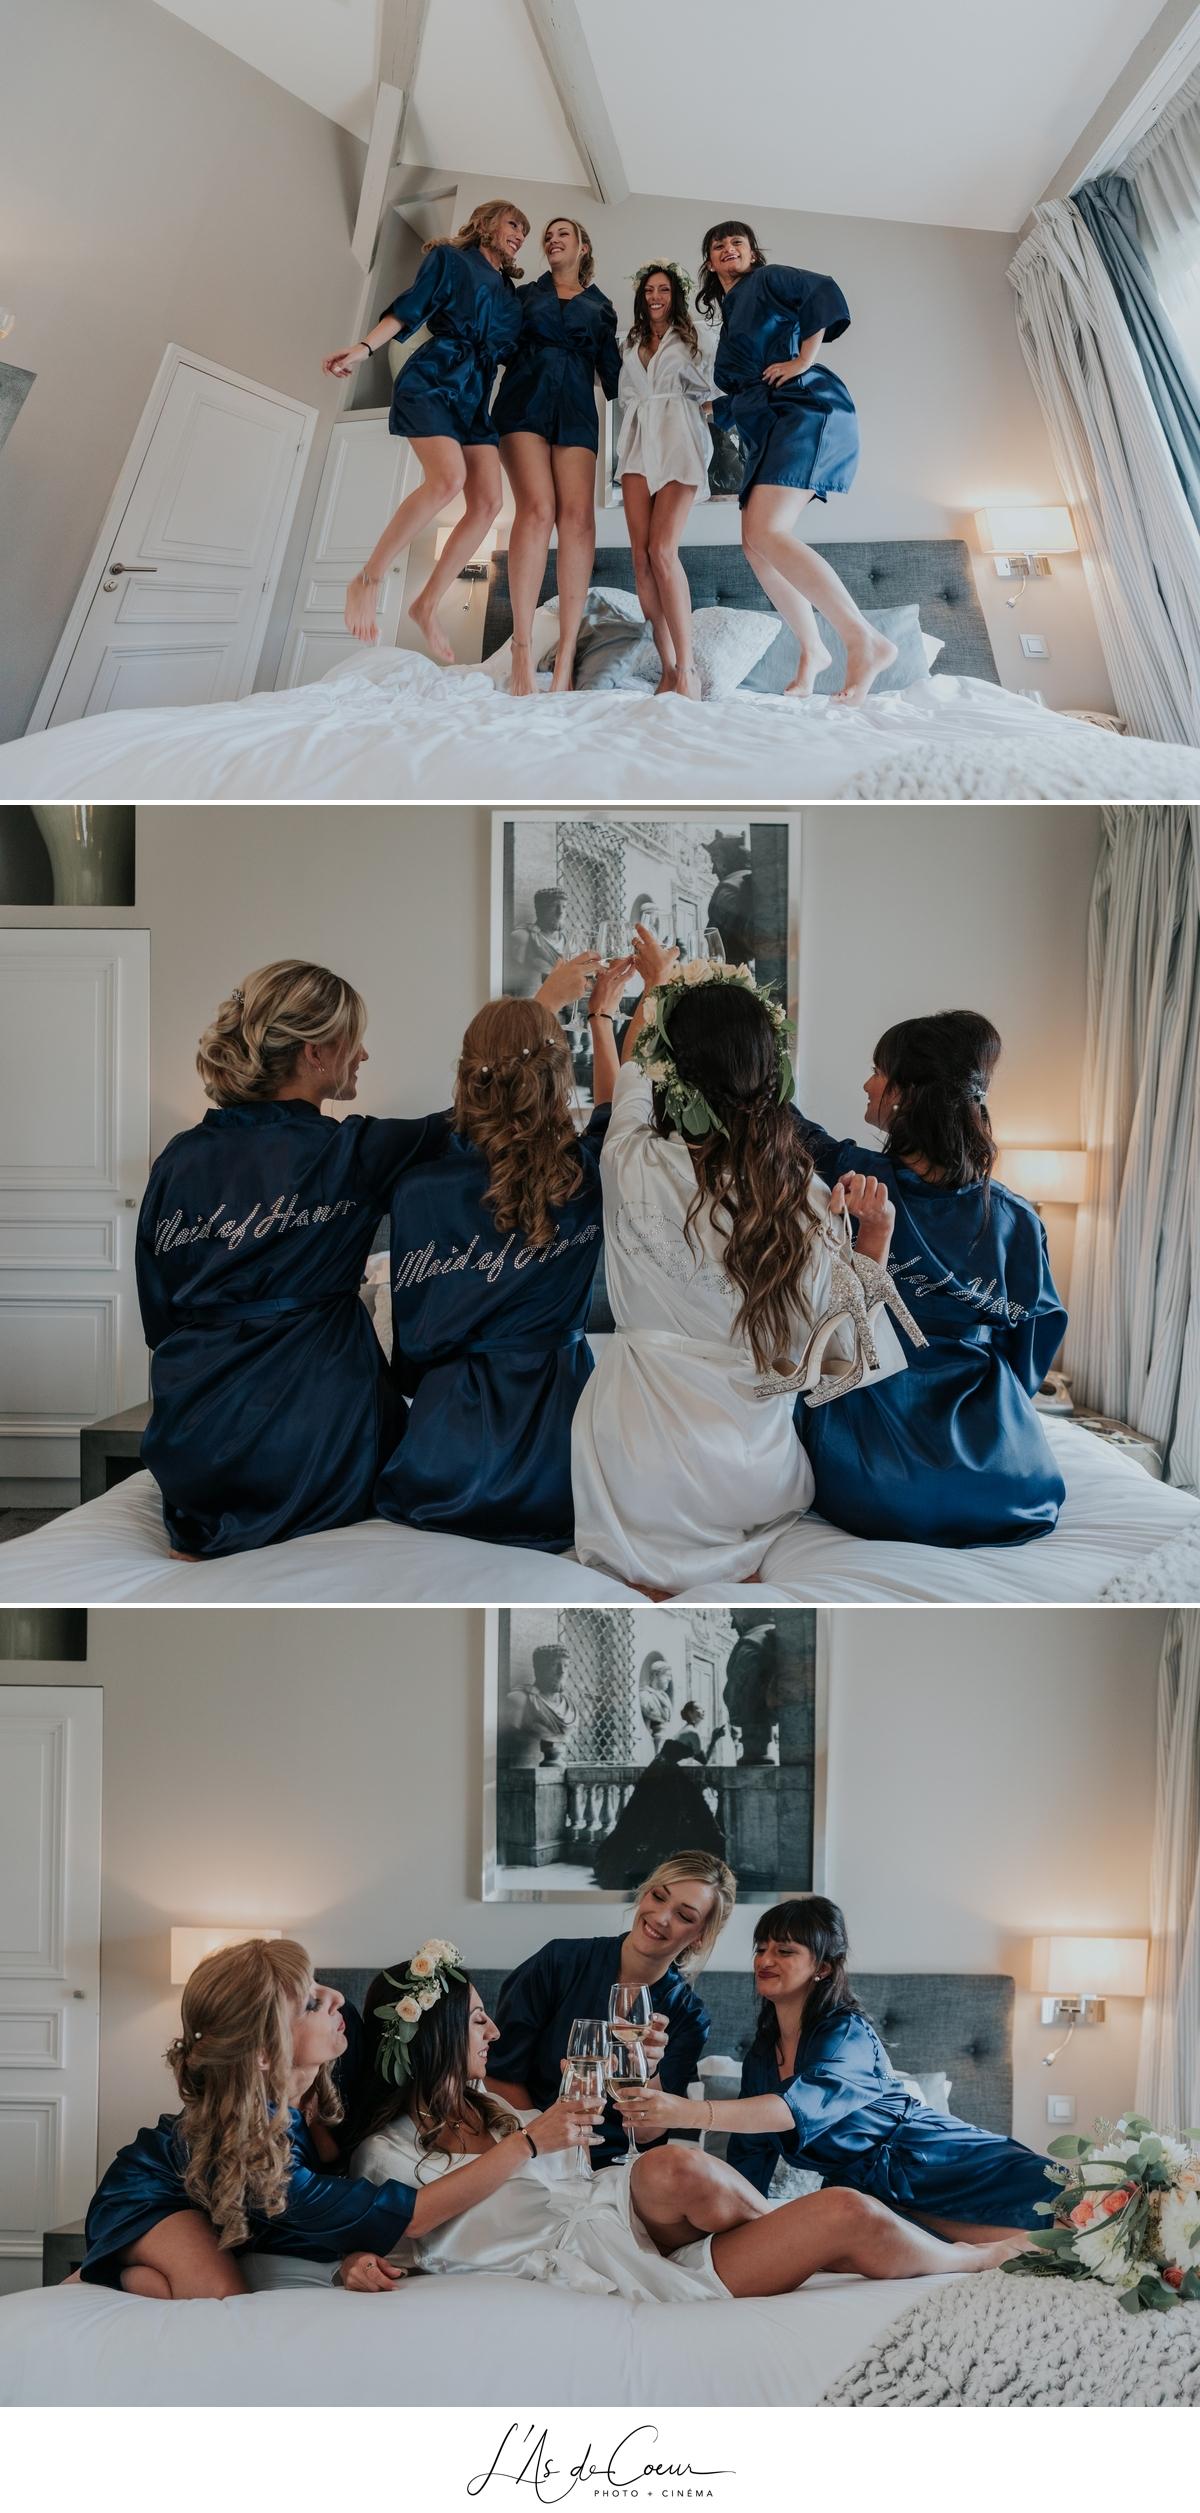 préparatifs hôtel fun demoiselles d'honneur photographe Mariage Lyon Maison d'Anthouard ©lasdecoeur